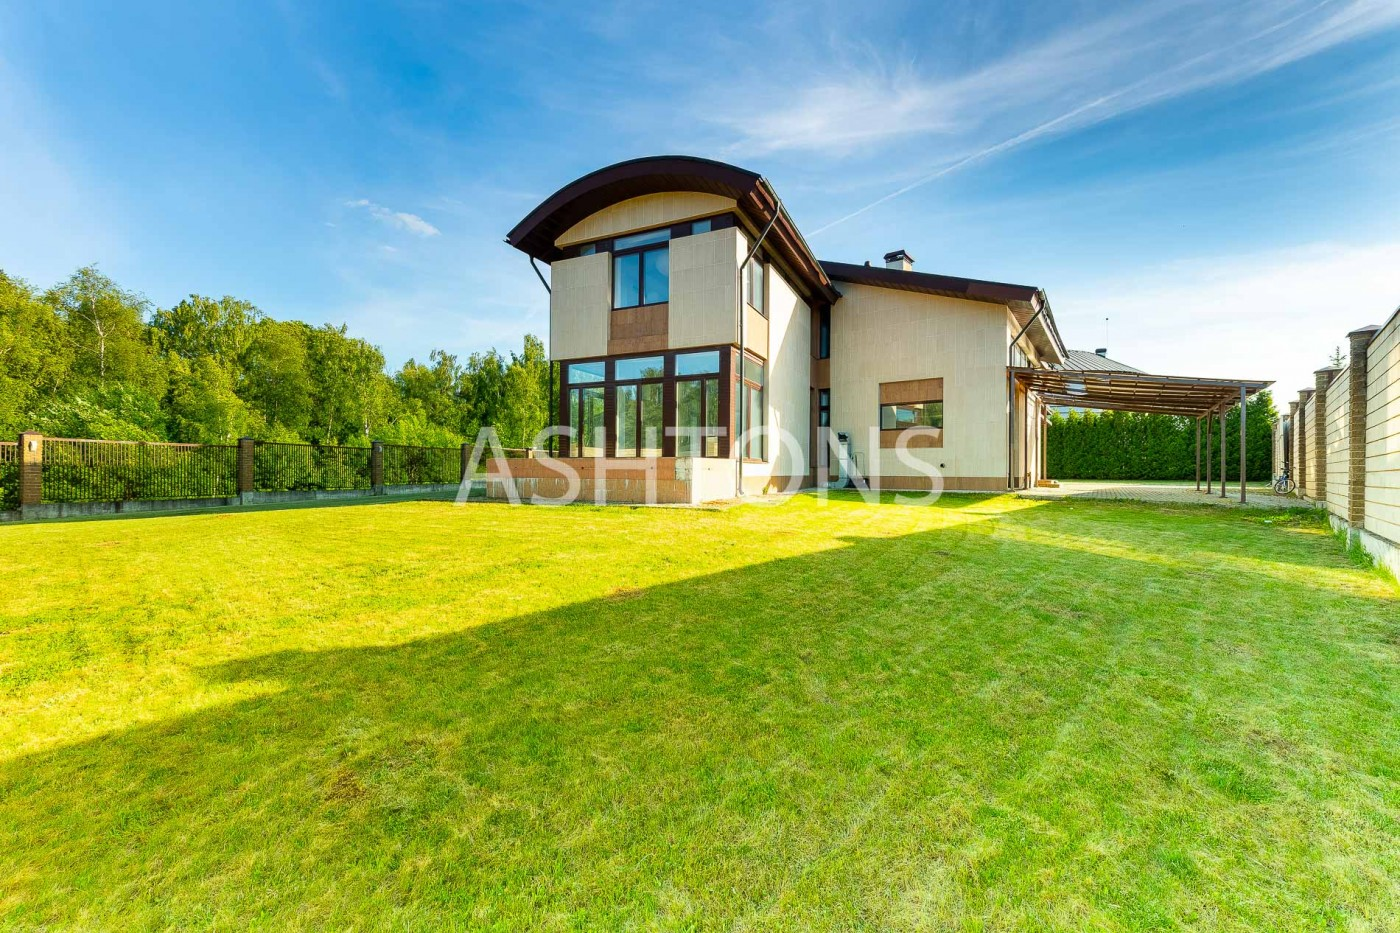 Продажа загородного дома в кп 10 ярдов по Рублево-Успенскому шоссе